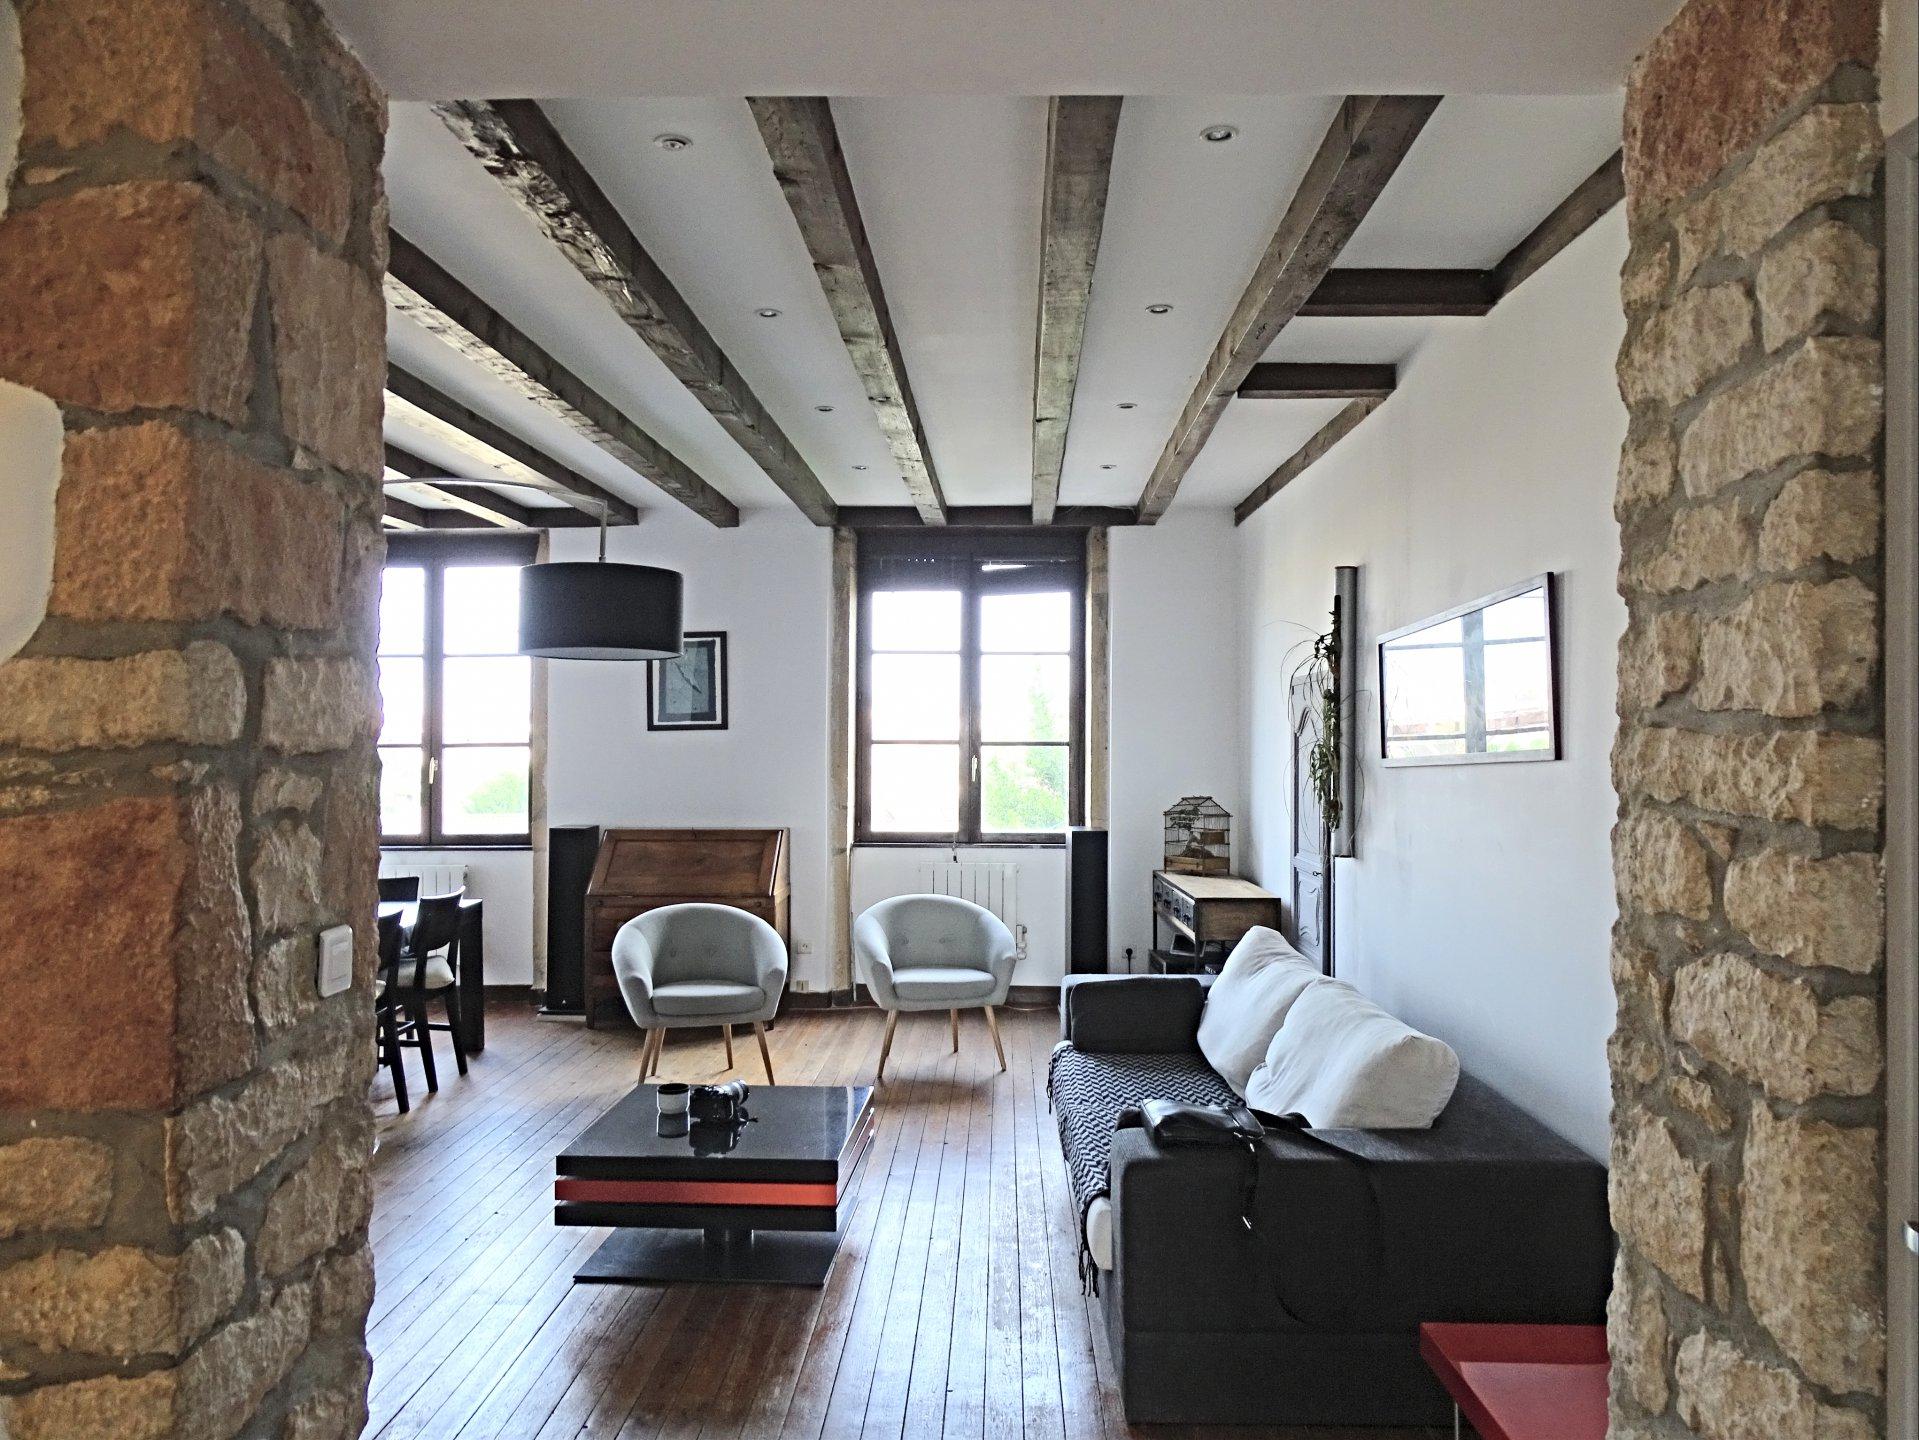 A deux pas du centre ville de Mâcon, au 1er étage d'une belle copropriété en pierre, venez découvrir cet appartement de charme offrant une surface de 145 m². Il se compose d'une belle entrée desservant trois chambres, une agréable pièce de vie, cuisine, une salle de bains et toilette. A l'étage, vous trouverez un bureau avec placards ainsi qu'une spacieuse chambre, une salle d'eau et toilette. Ce bien est également doté une très grande cave et un garage. Vous serez séduits par les jolies prestations que proposent cet appartement rénové tout en gardant le caractère de l'ancien. Faibles charges de copropriété (218 euros/ trimestre - 80 lots). Honoraires à la charge du vendeur.